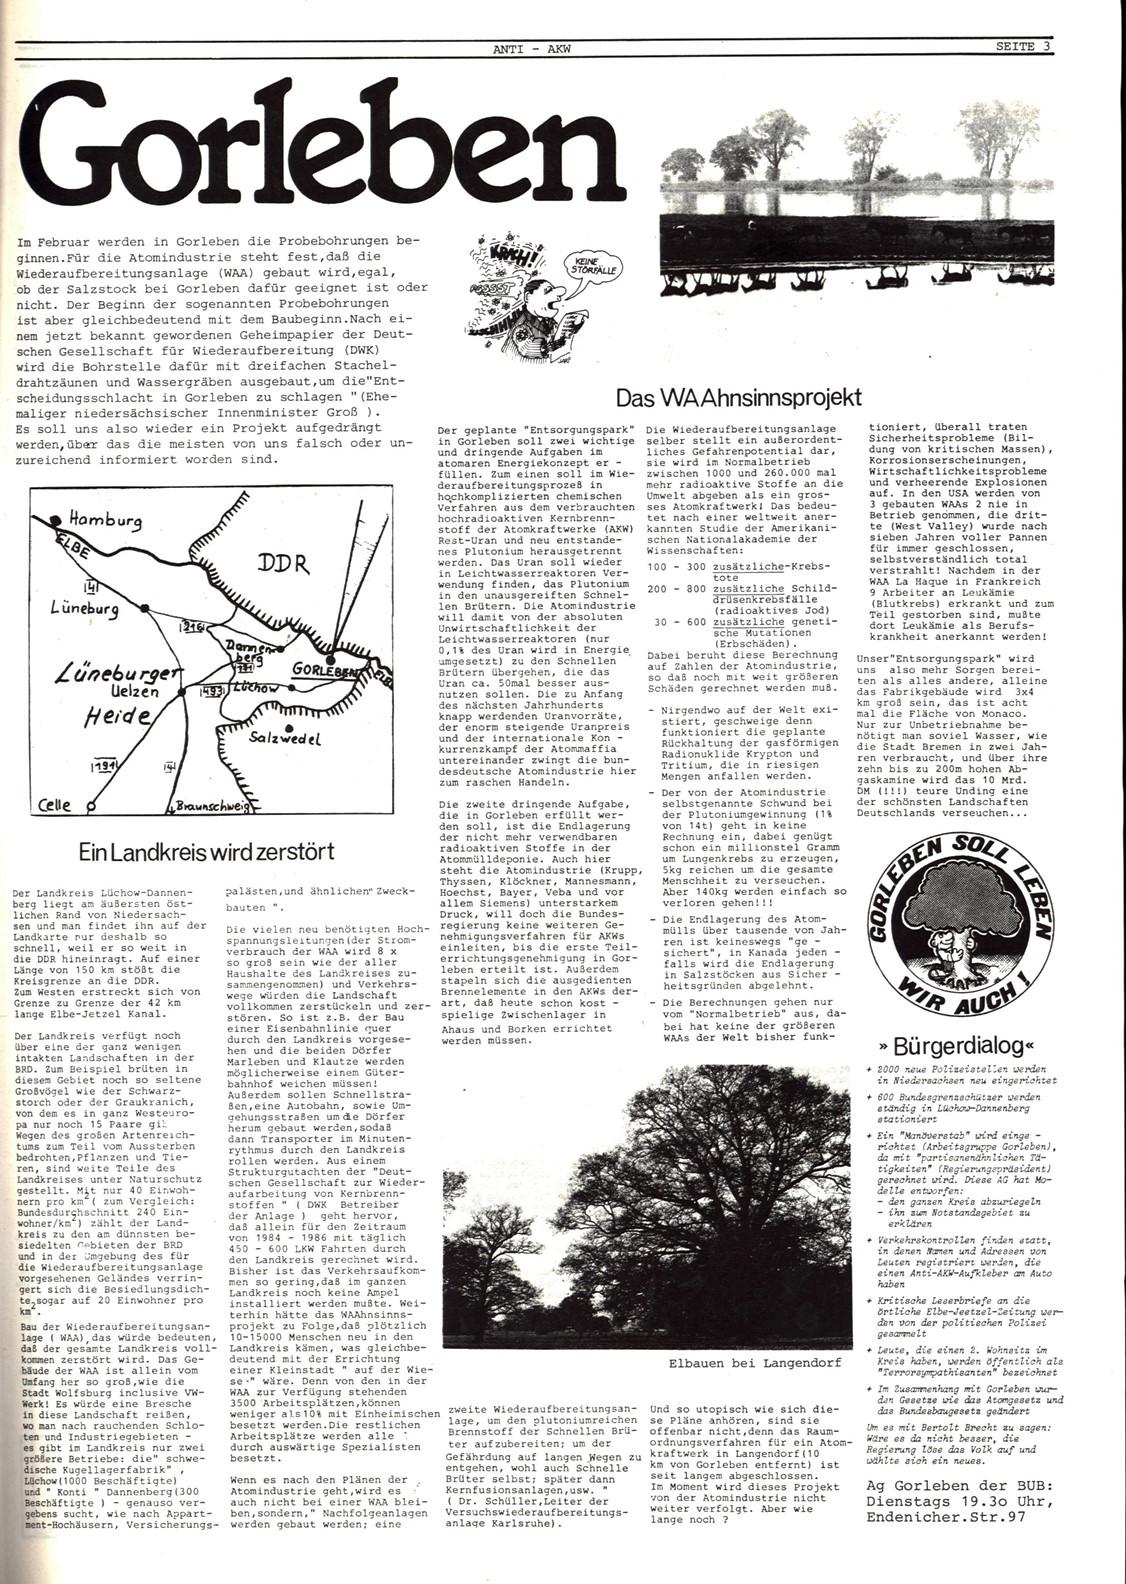 Bonner_Volksblatt_21_19790130_03